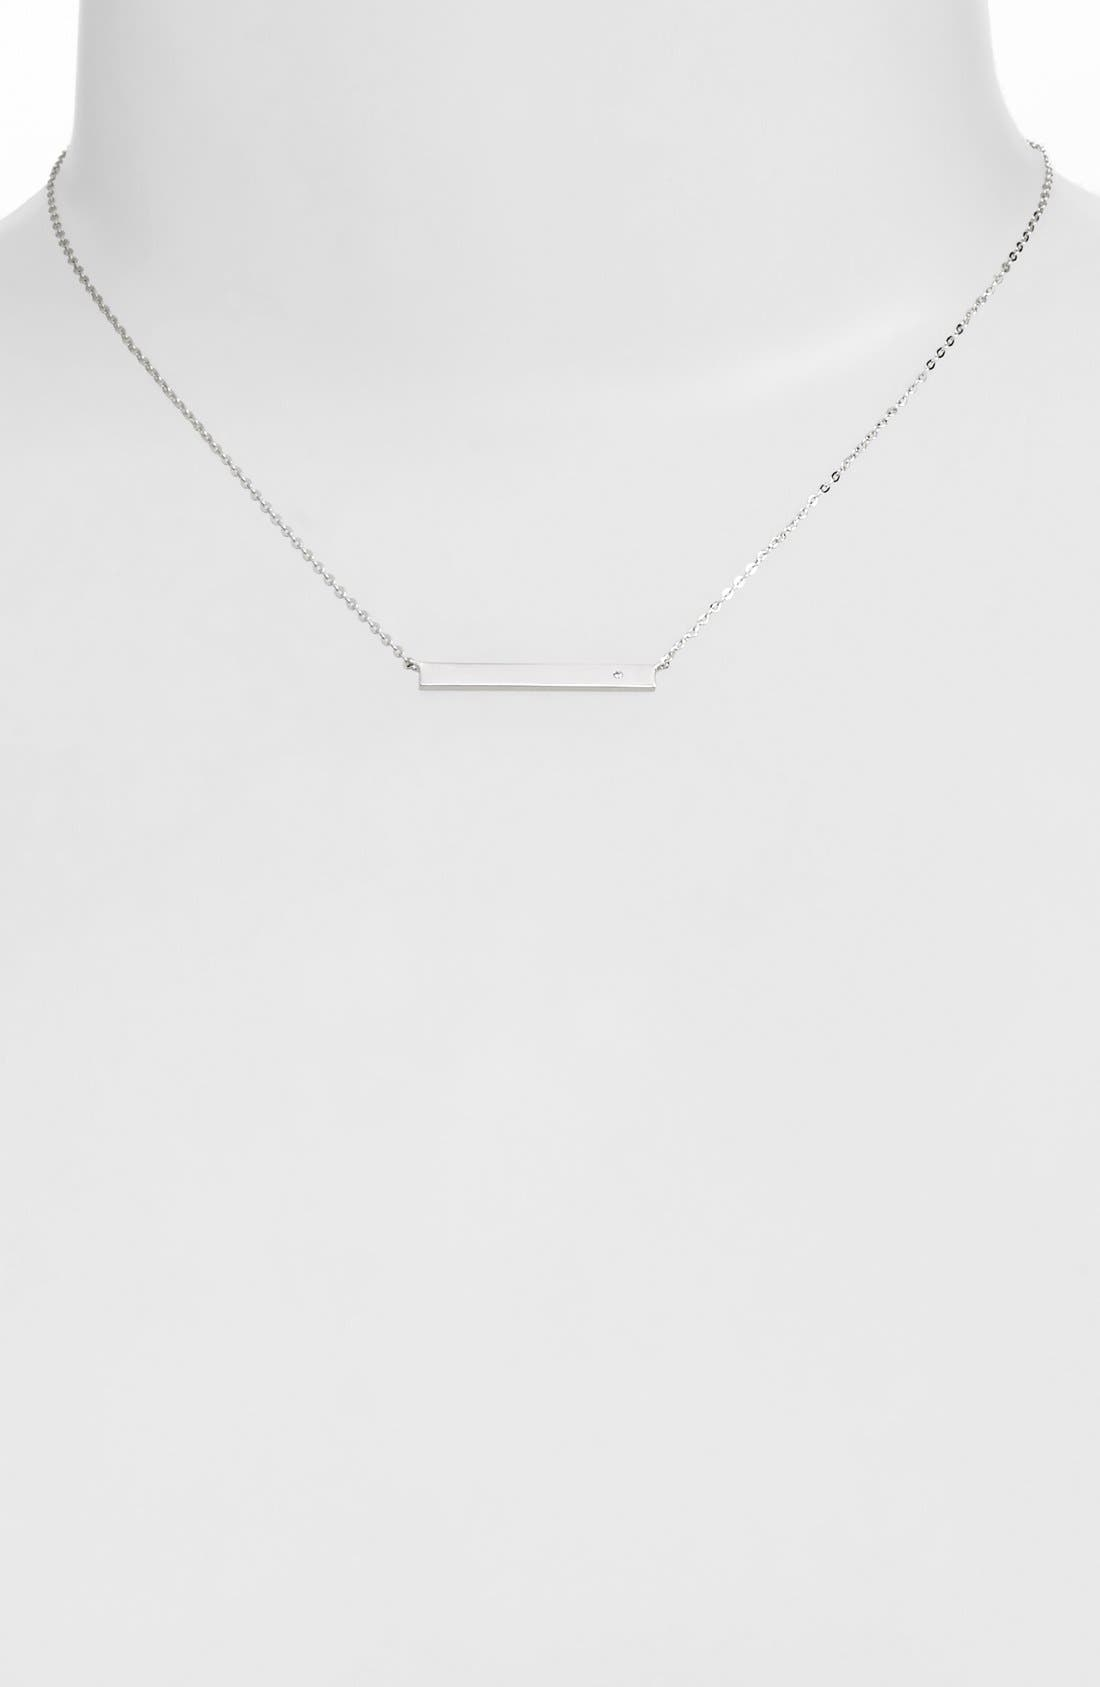 NADRI 'Goldie' Bar Pendant Necklace, Main, color, 040